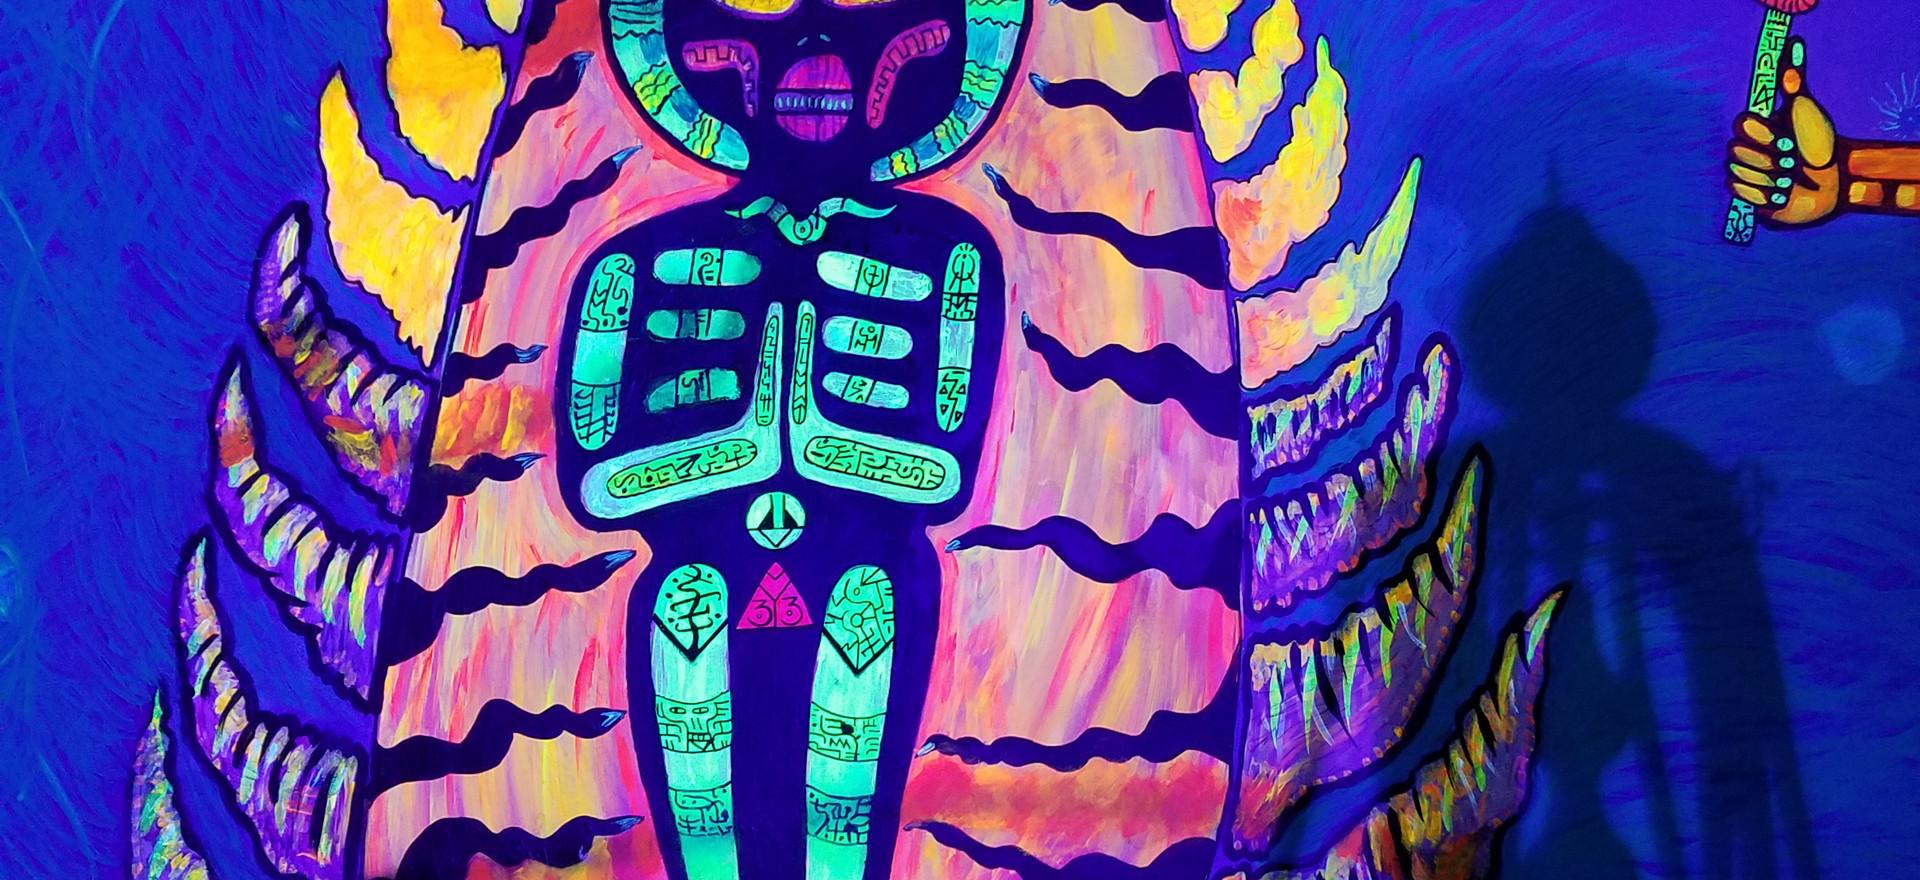 Smokeshop Mister Vape shop in N.Bergen, N.J. Full UV reactive 24 x 18 ft.